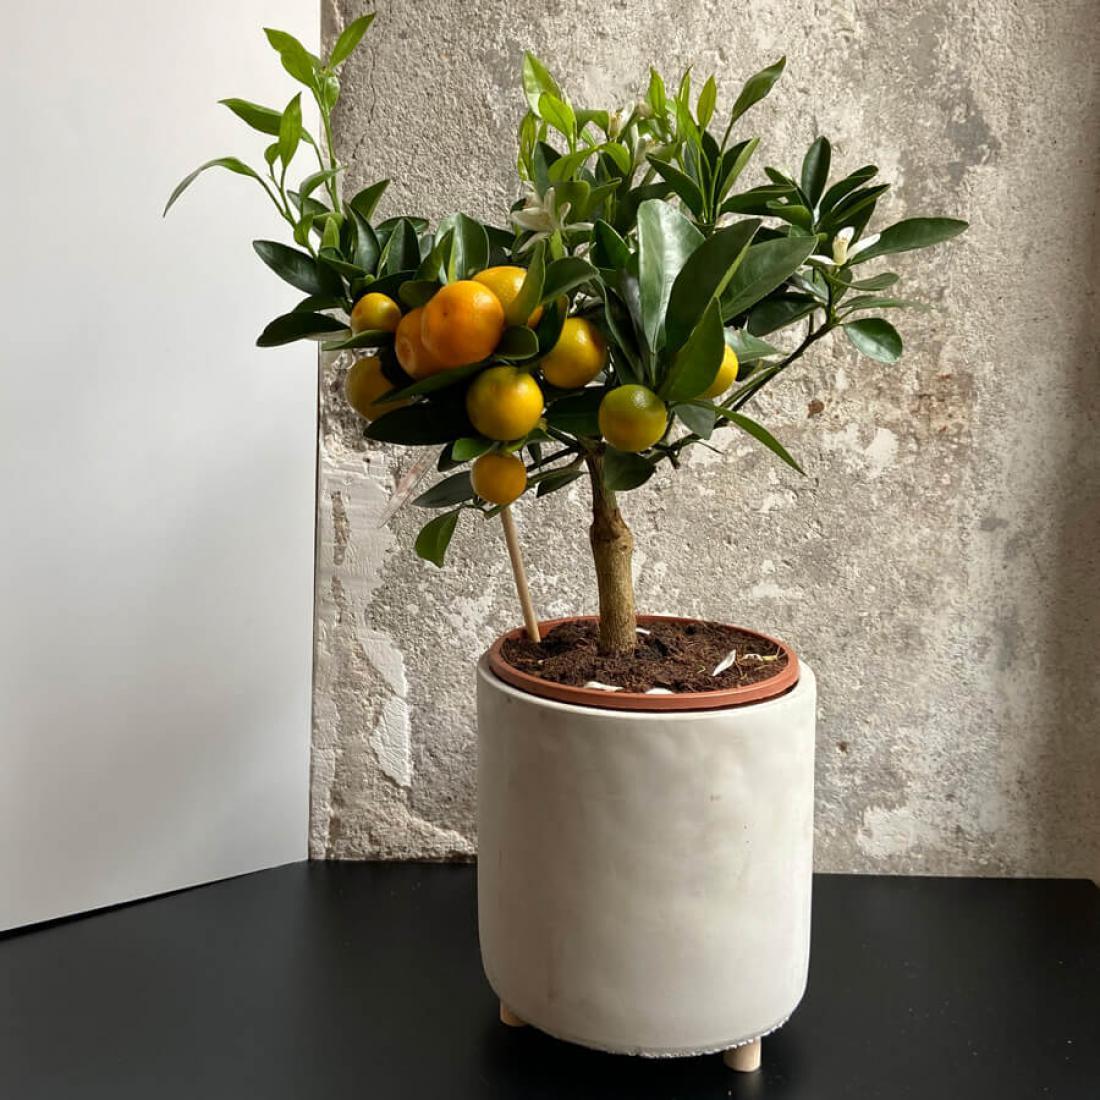 Sobni mandarinovec je nastal s križanjem mandarine in kumkvata.